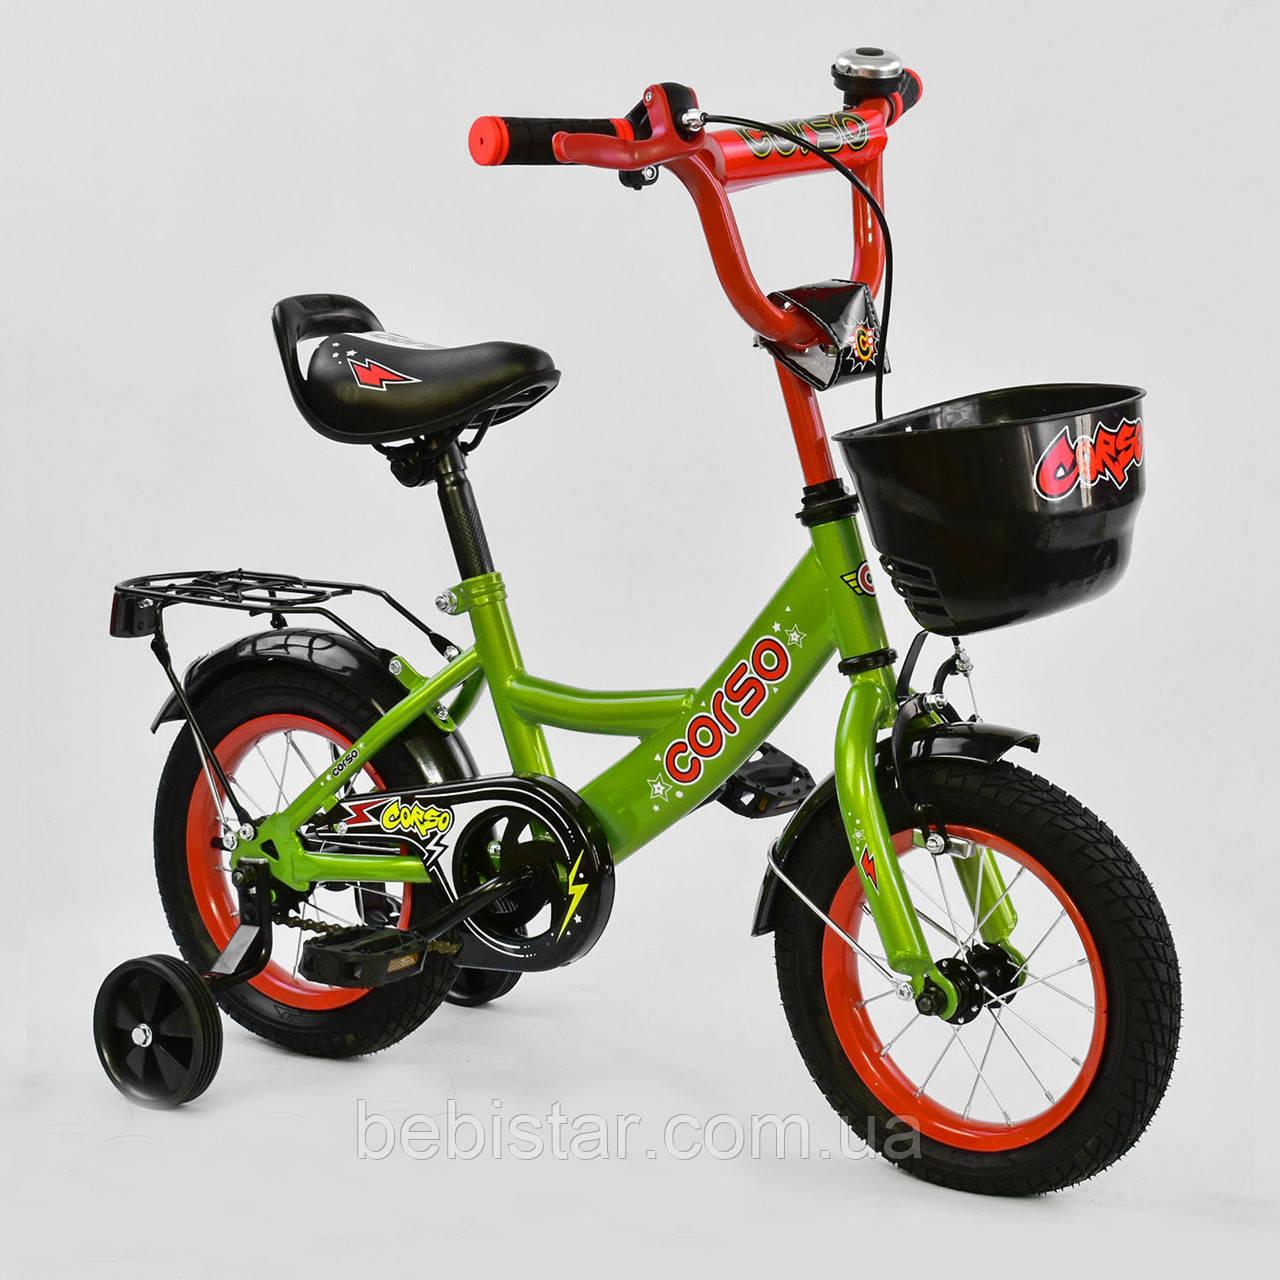 """Двухколесный детский велосипед зеленый ручной тормоз звоночек корзинка Corso 12"""" деткам 3-4 года"""